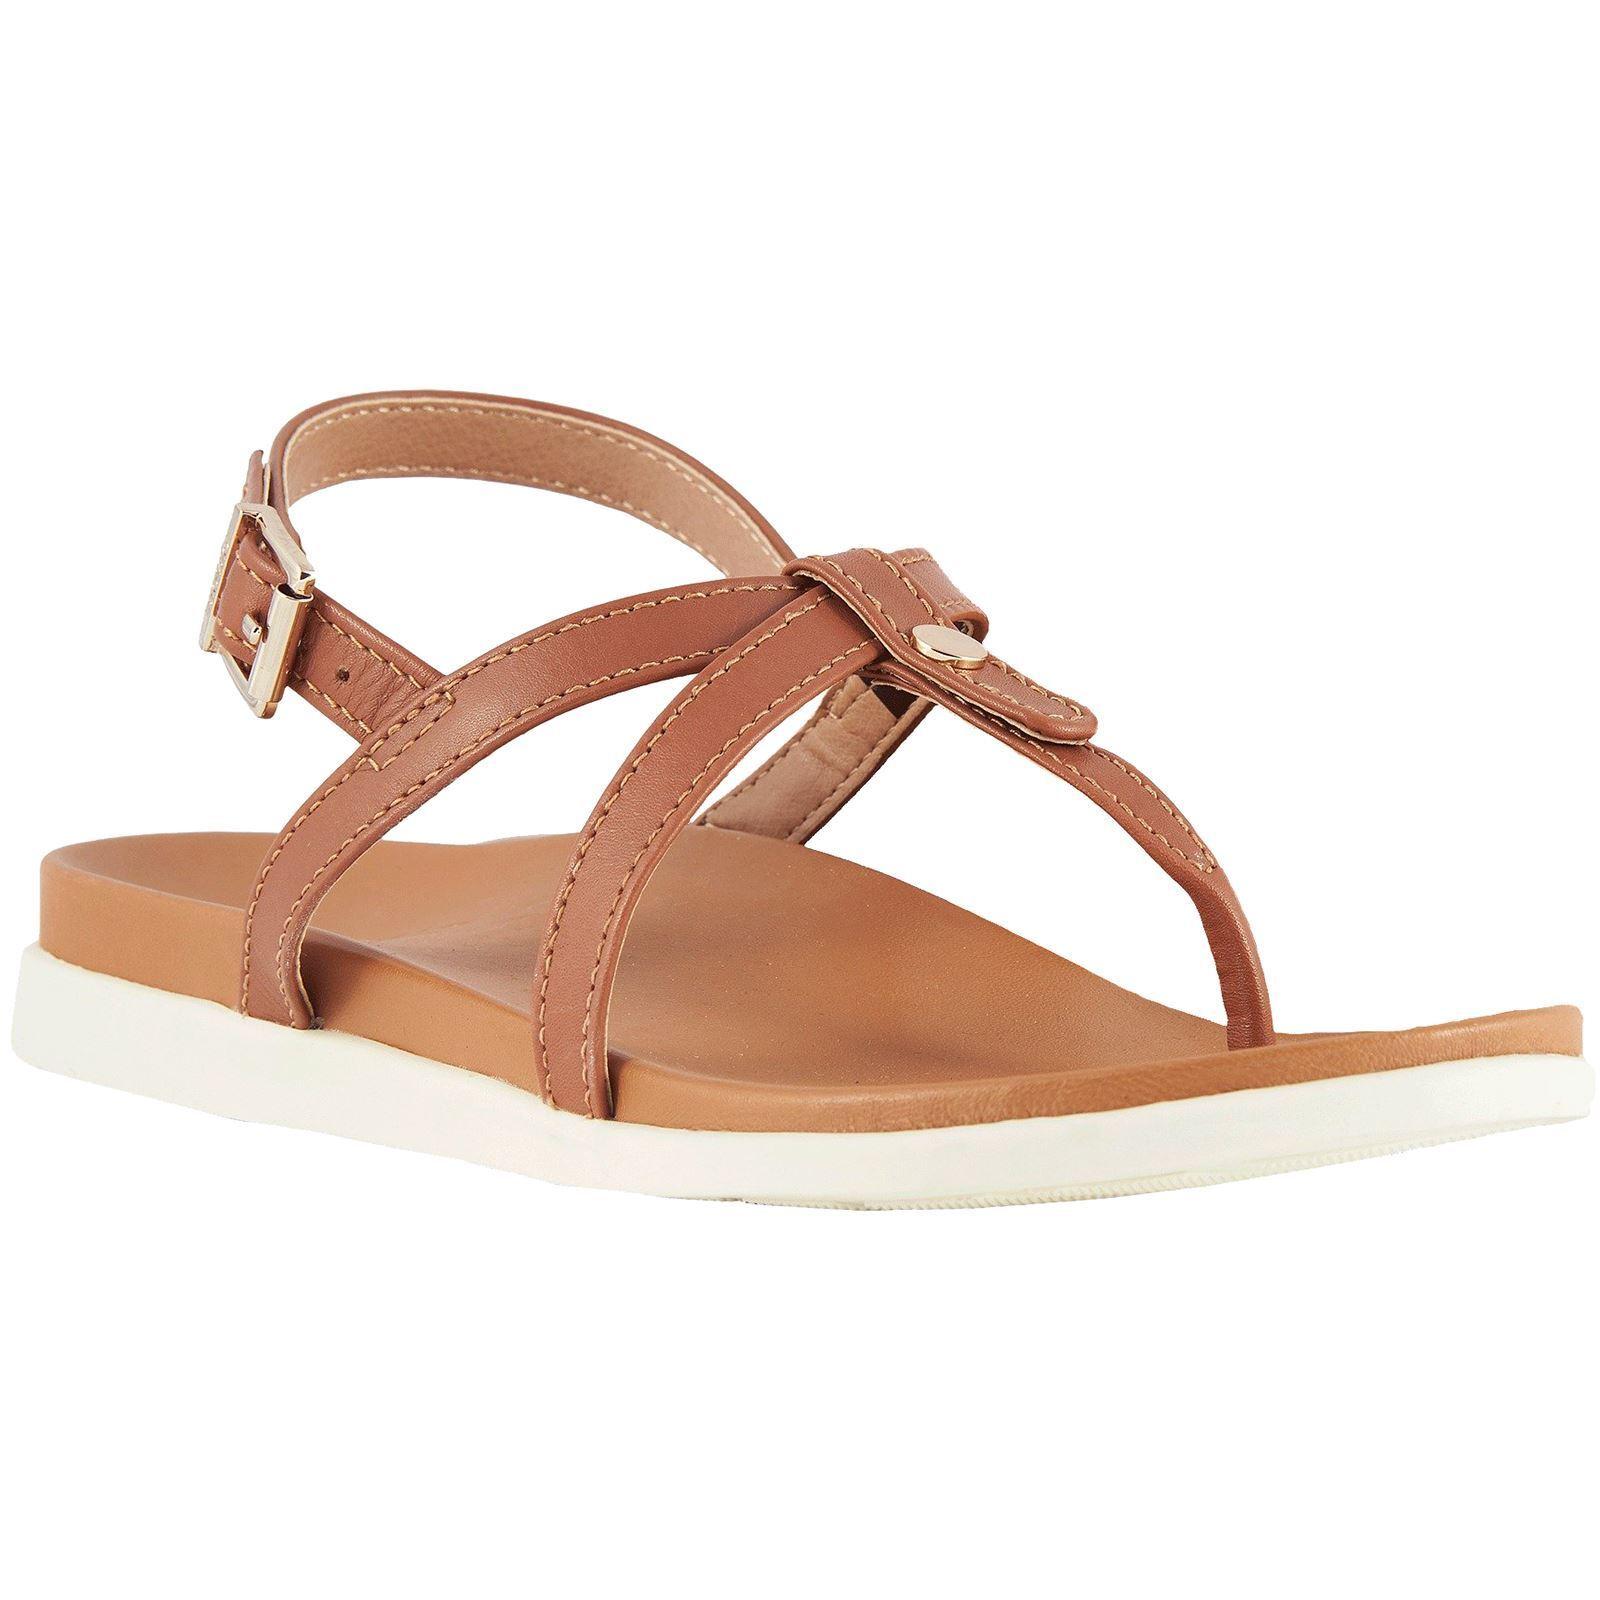 Vionic Palm porche tan tan tan mujer Leather slingback Toe-post Sandals  Con precio barato para obtener la mejor marca.